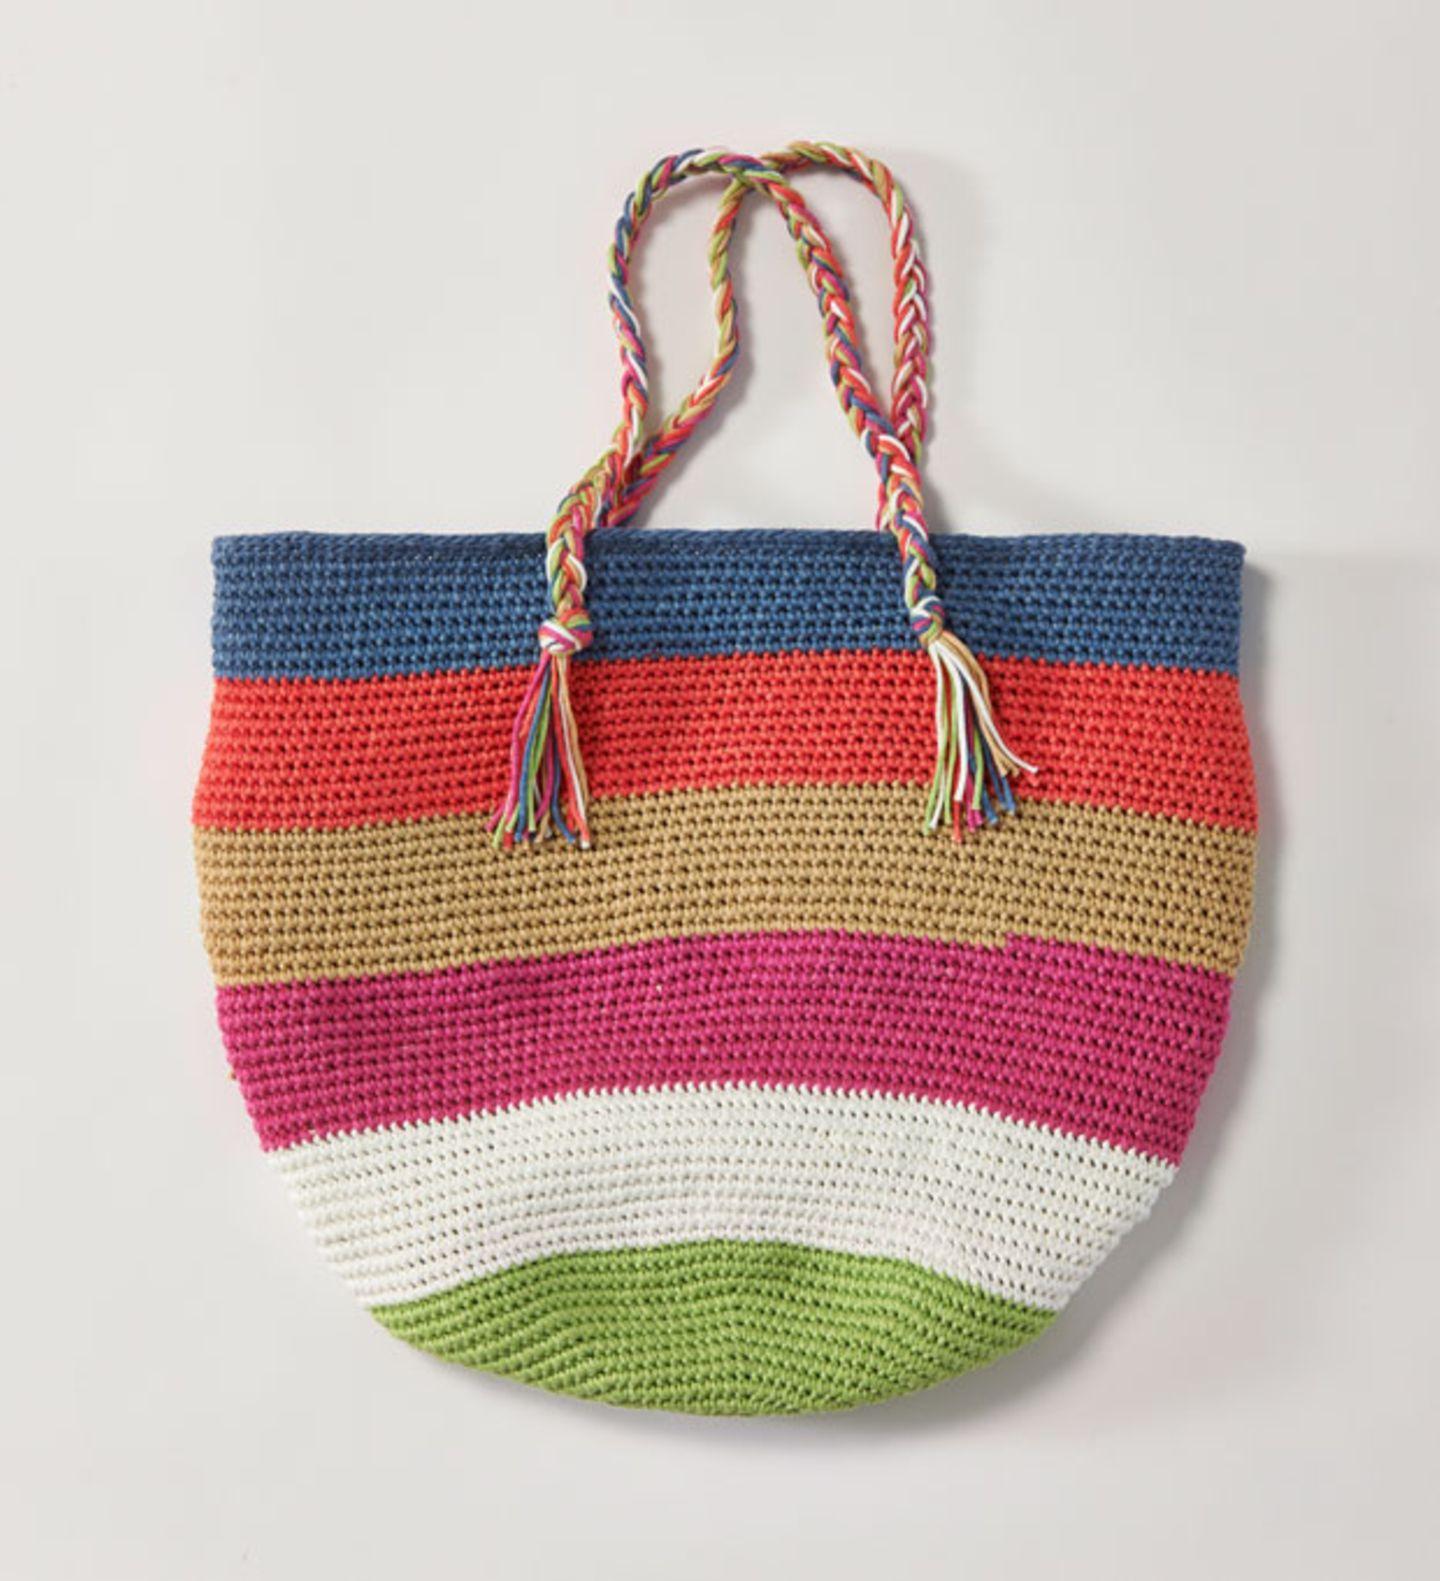 Tasche häkeln - eine Anleitung